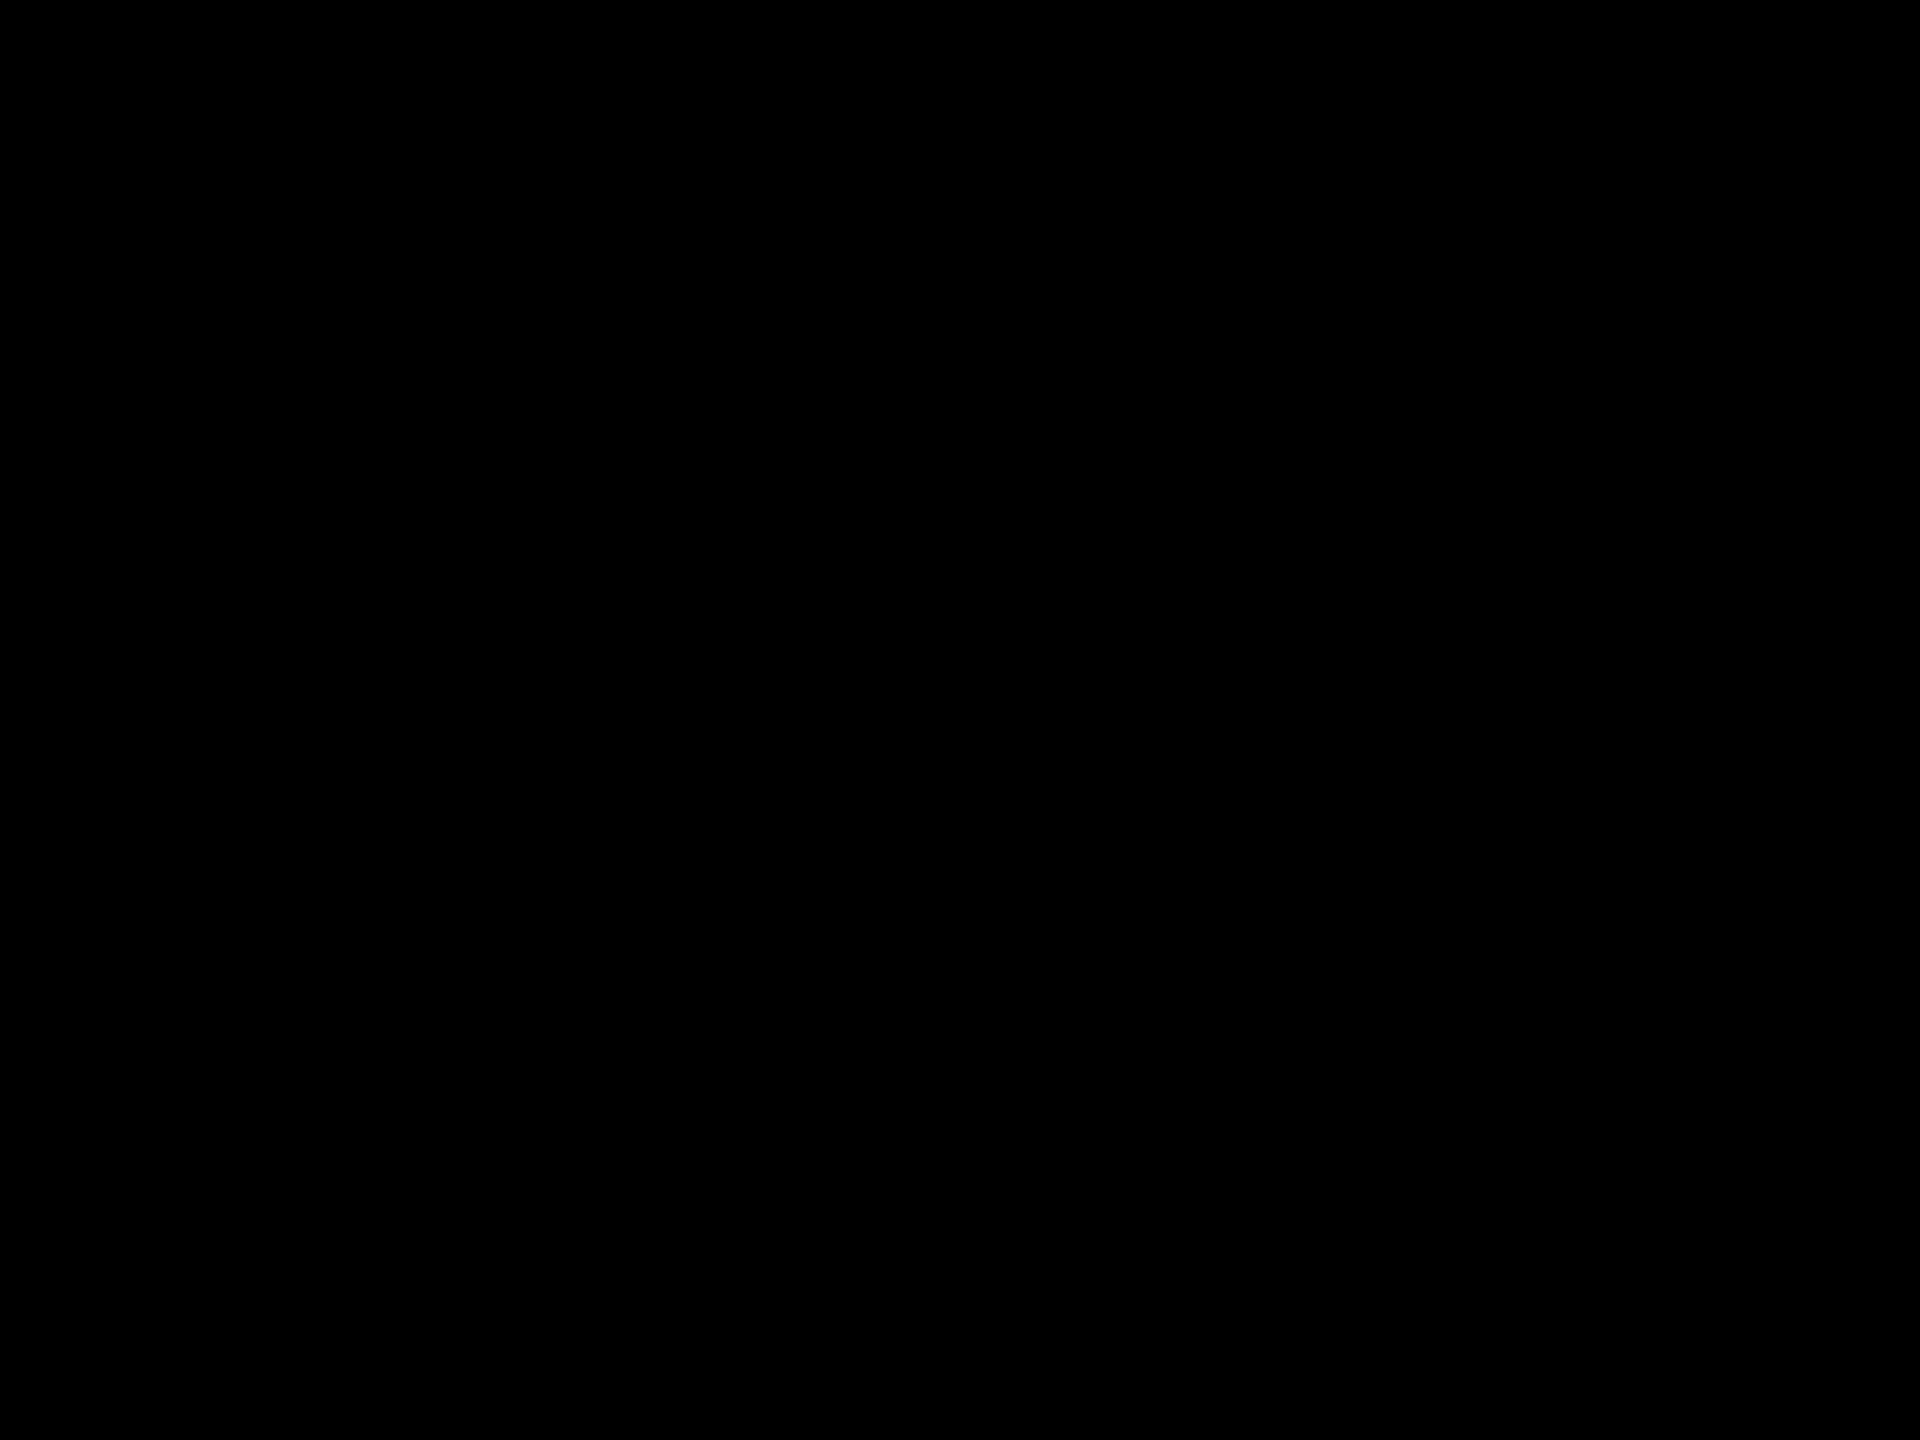 小田急電鉄 4000形の型紙